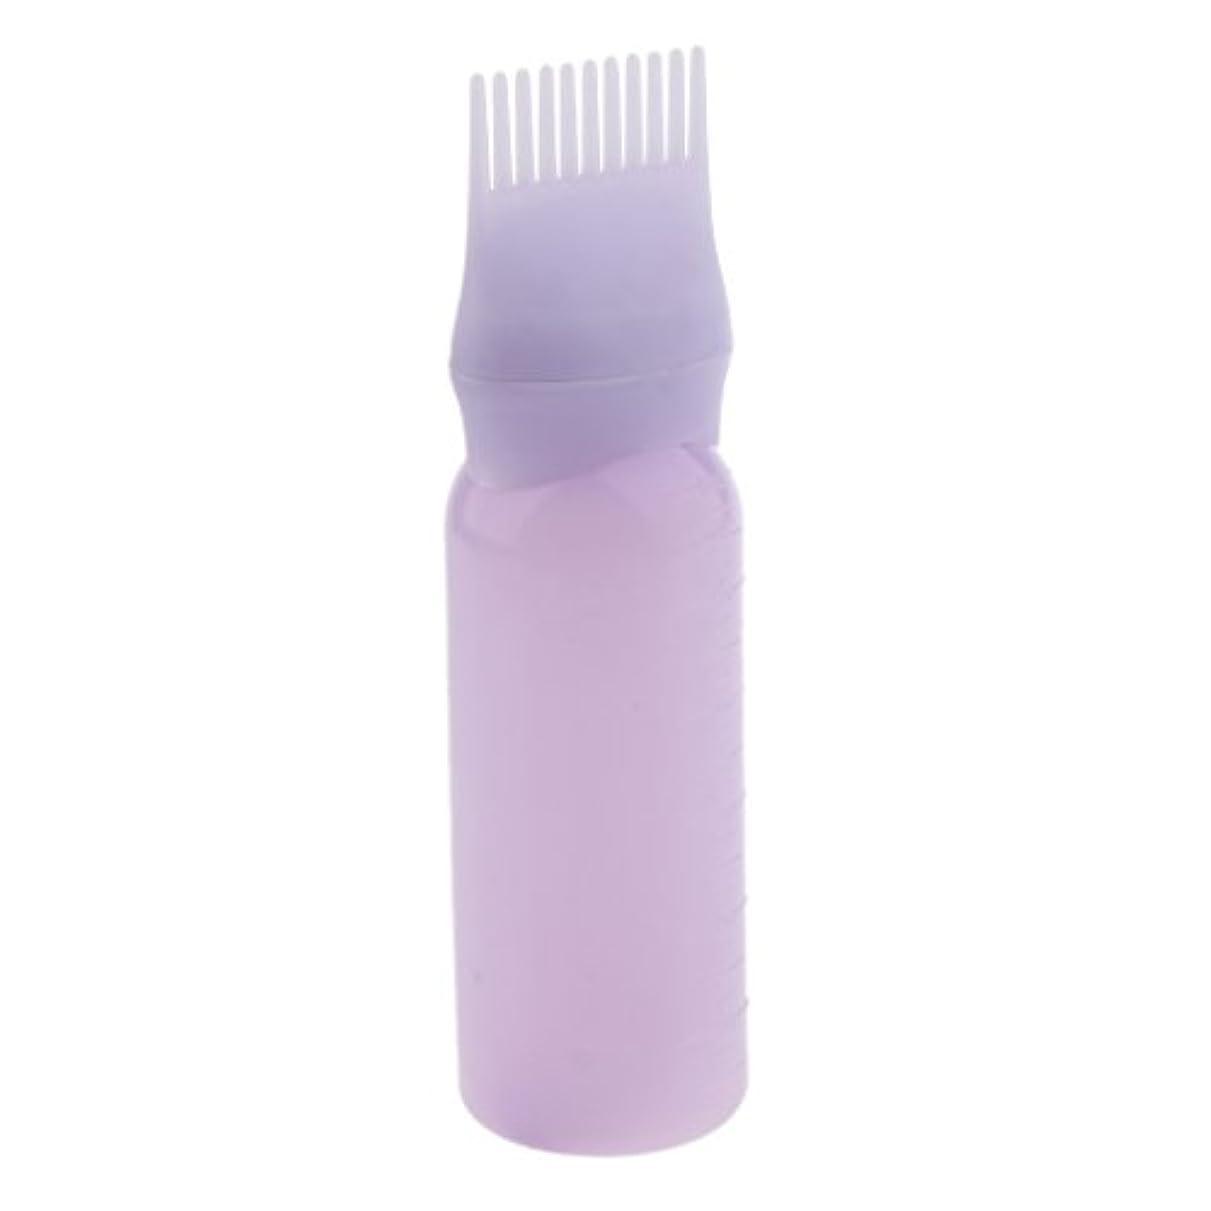 雇ったコーラス部分Toygogo ヘアカラー ヘアダイ ボトル アプリケーターブラシ 調剤 120ml 2タイプ選べる - 紫